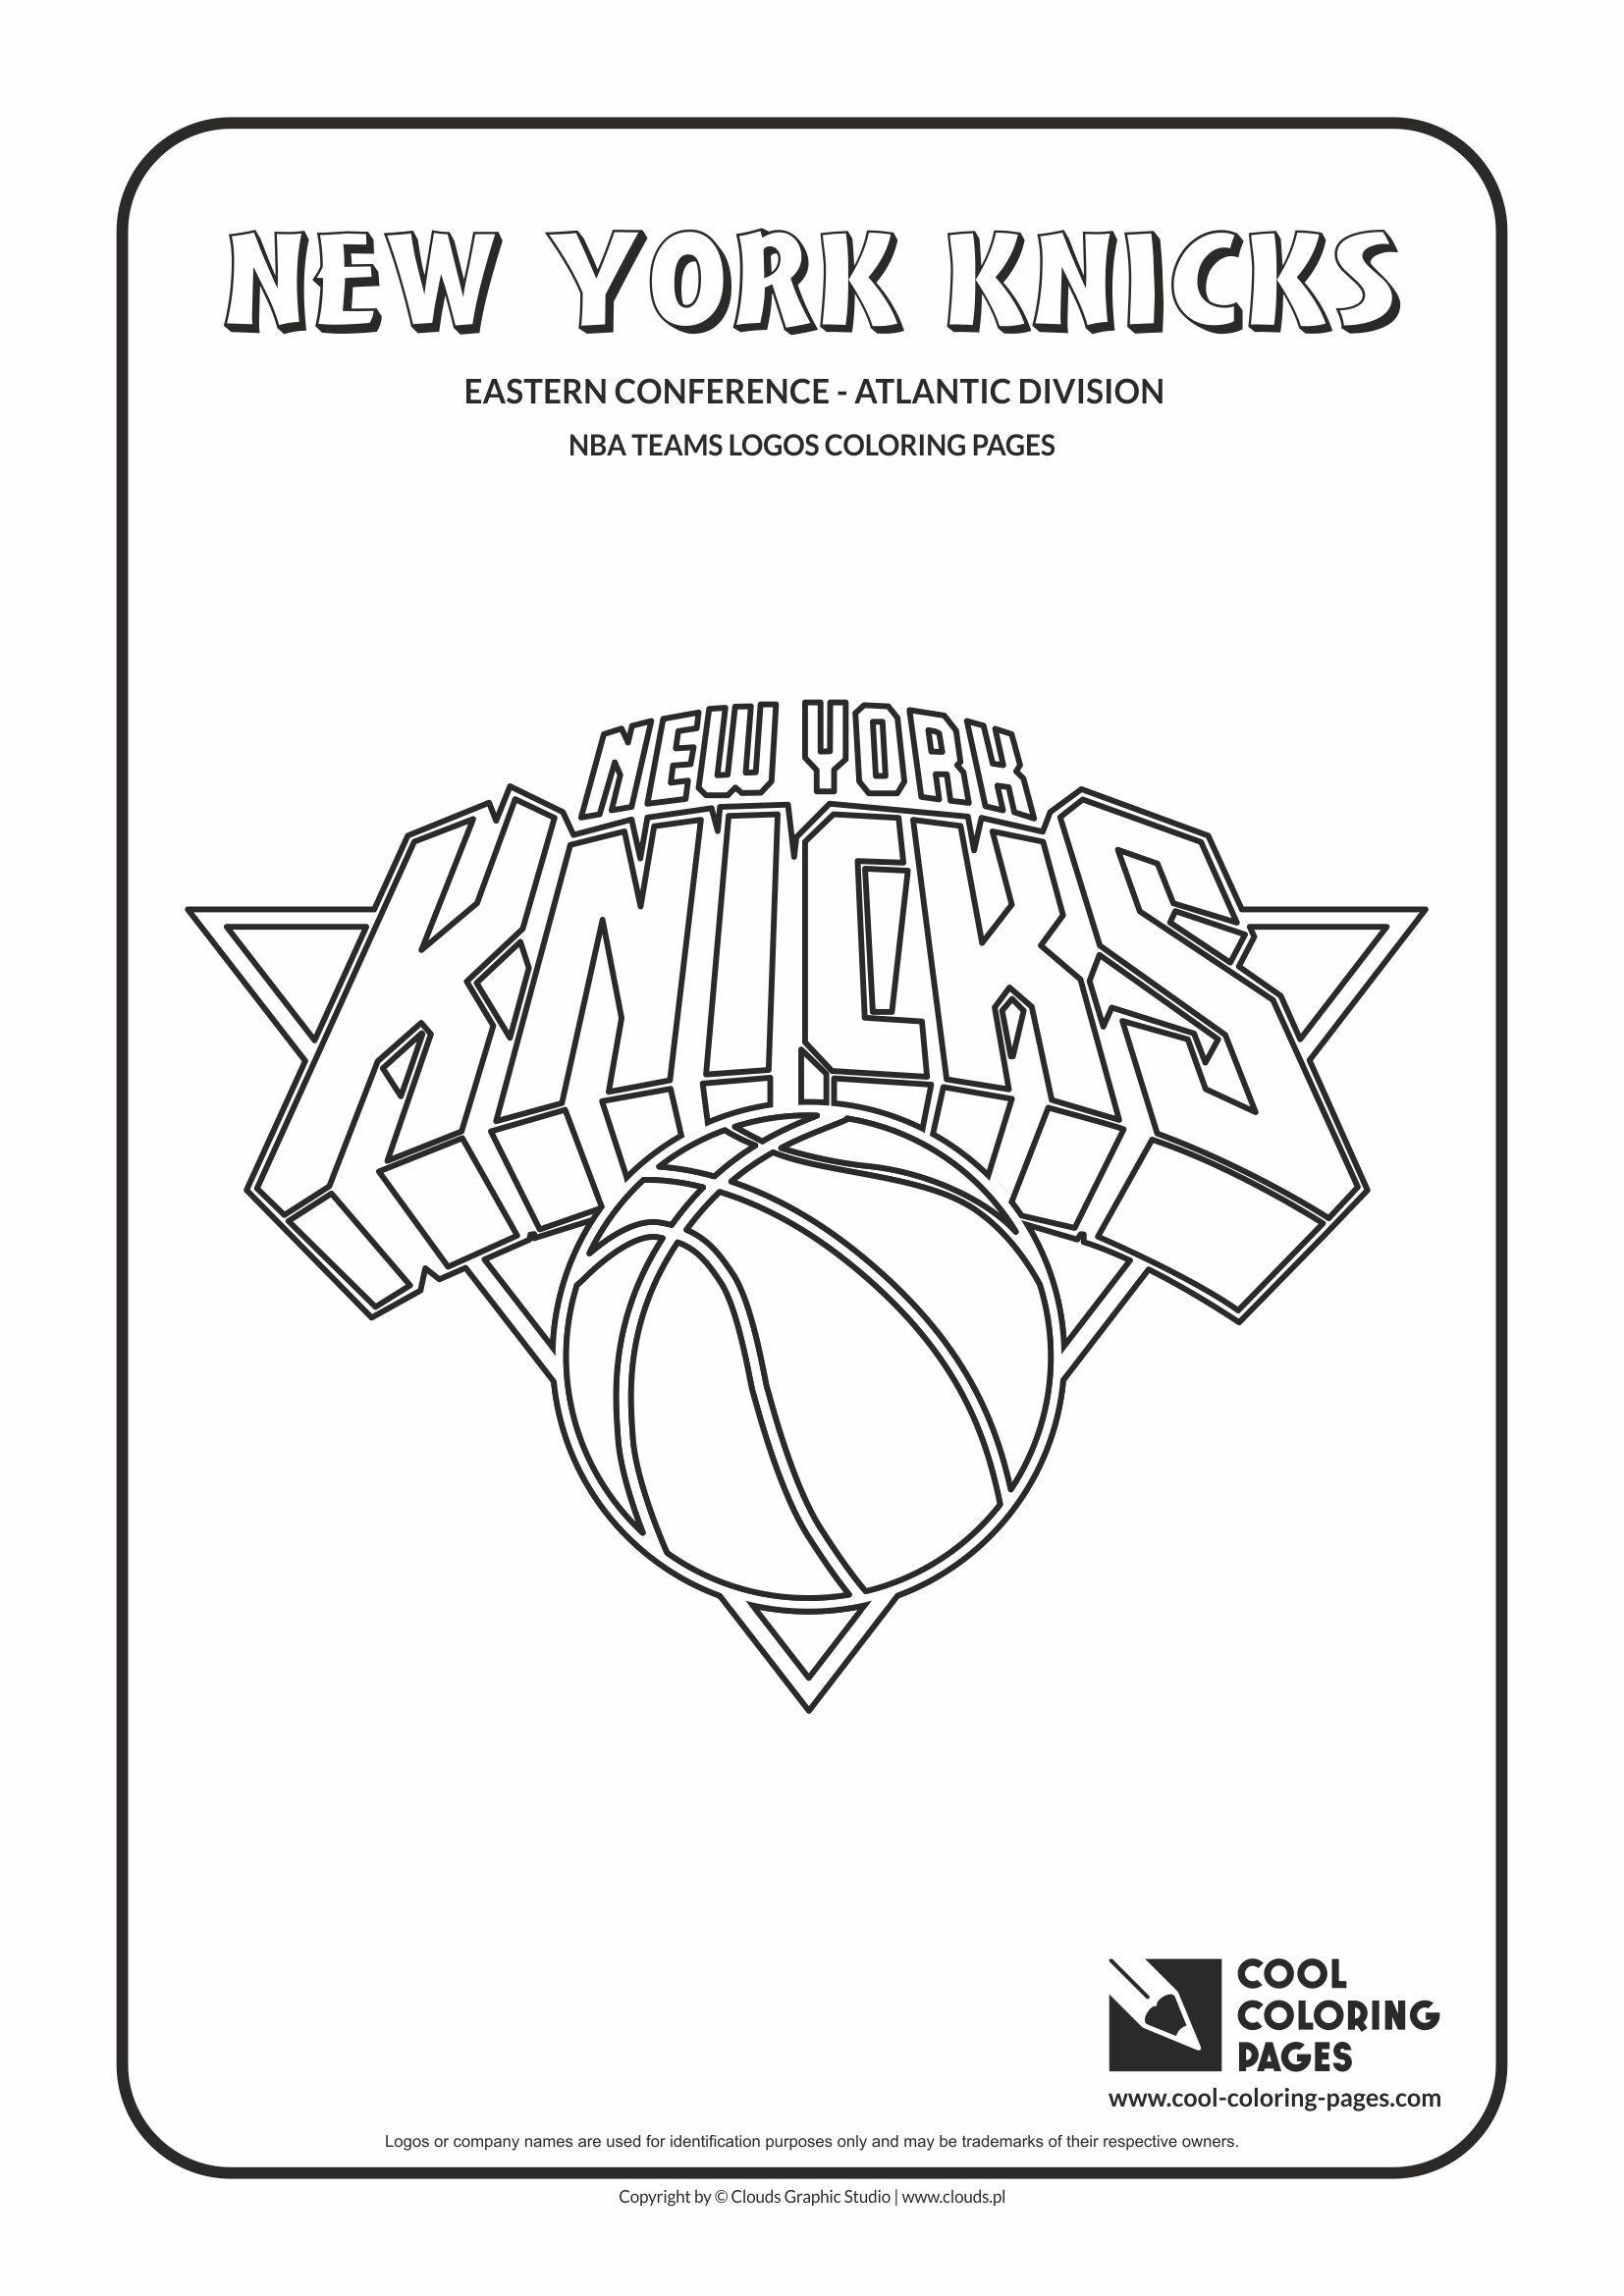 Cool Coloring Pages Nba Teams Logos New York Knicks Logo